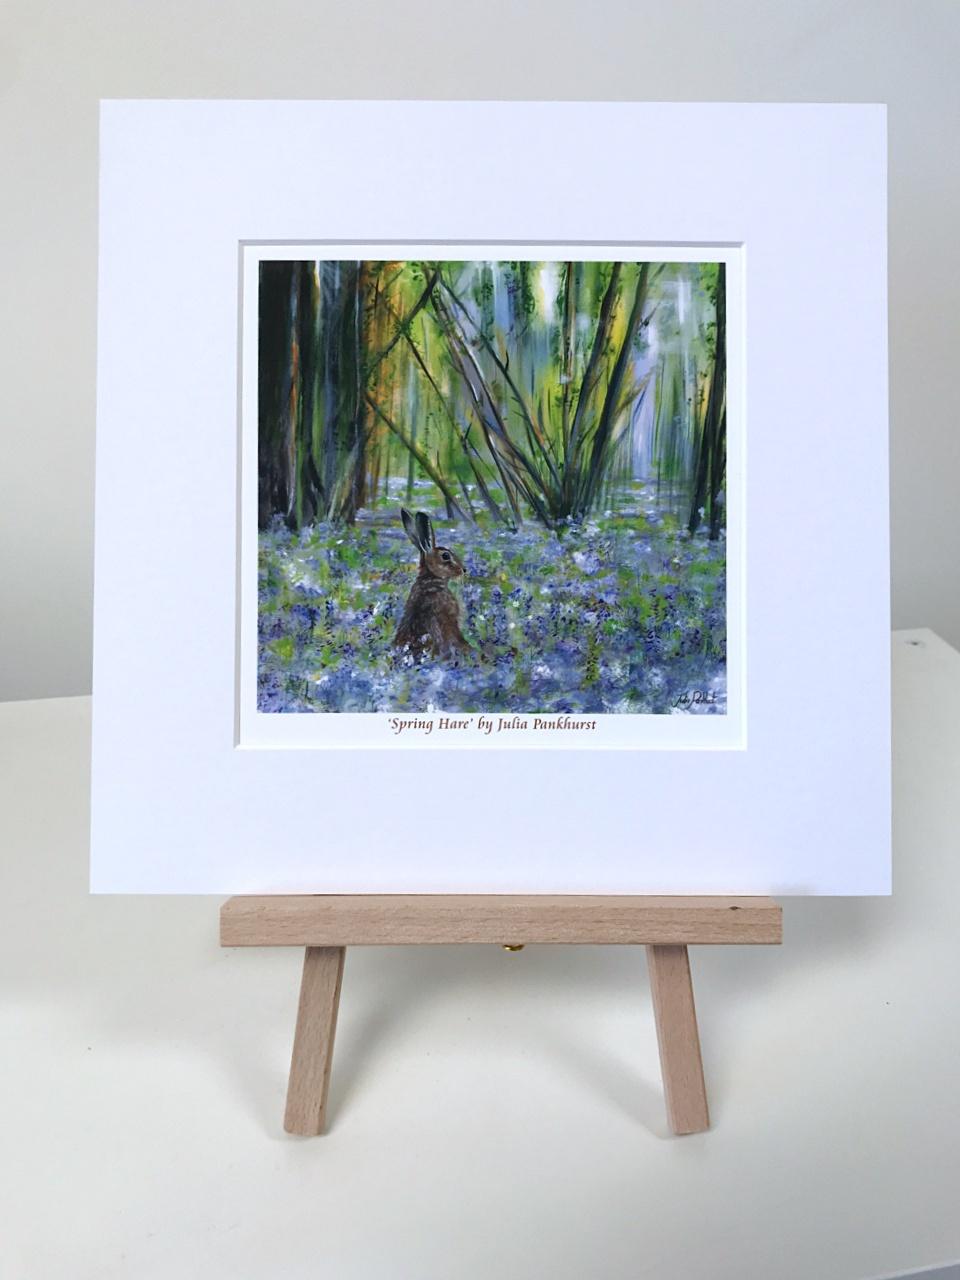 Spring Hare Pankhurst Gallery